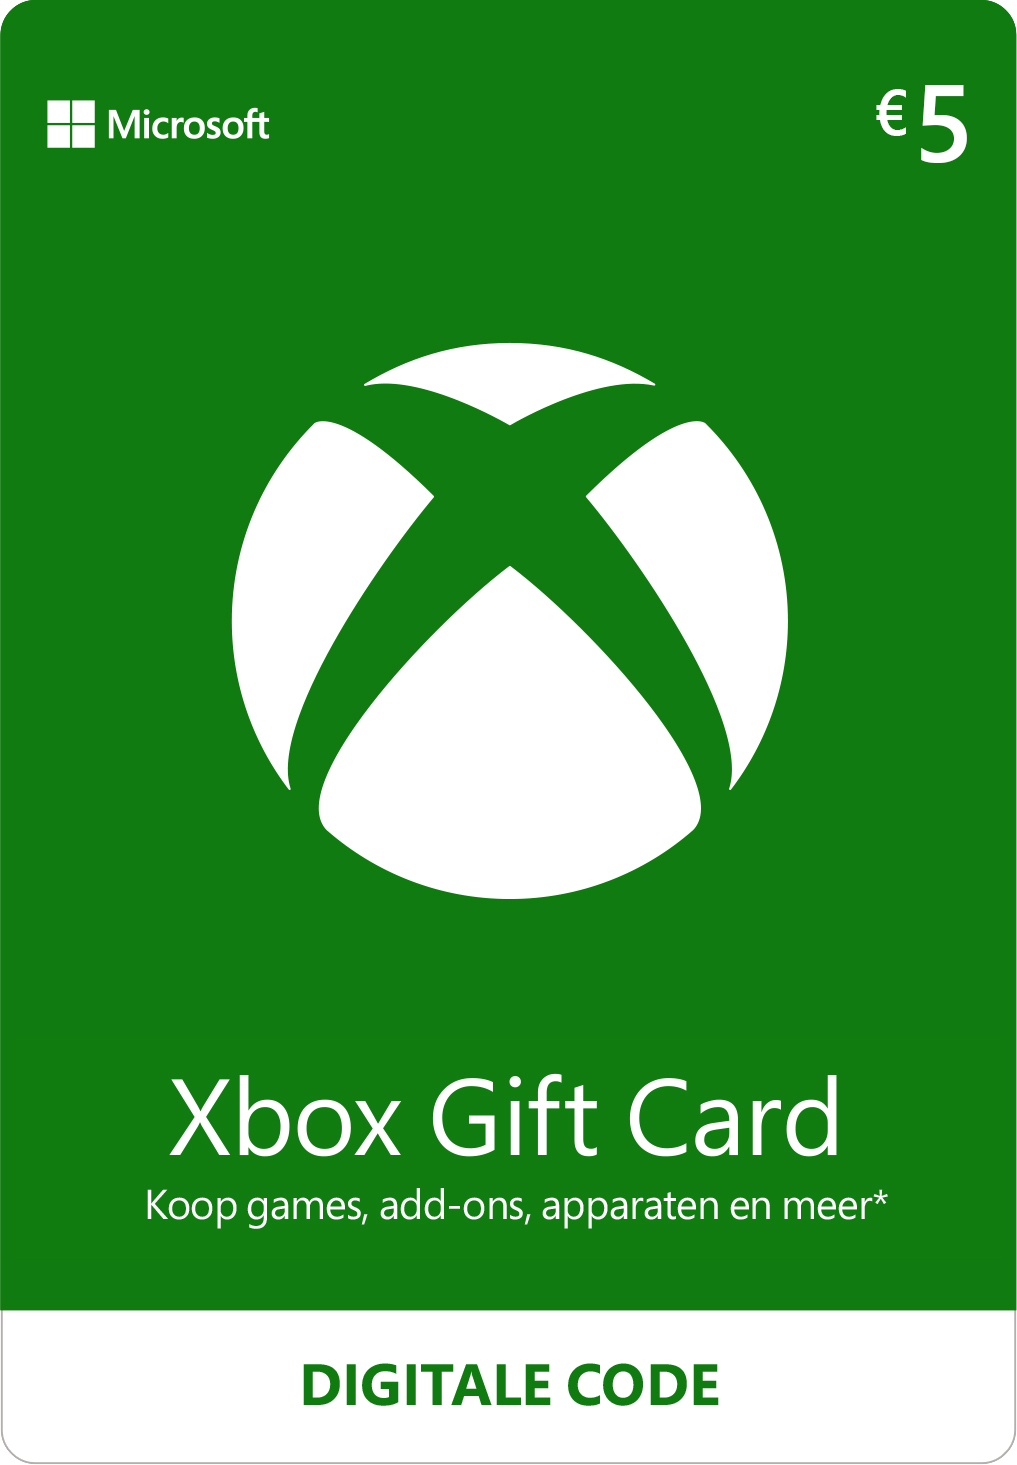 Carte Cadeau V Bucks.Achat De V Bucks Fortnite Pour Xbox One Sur Gamecardsdirect